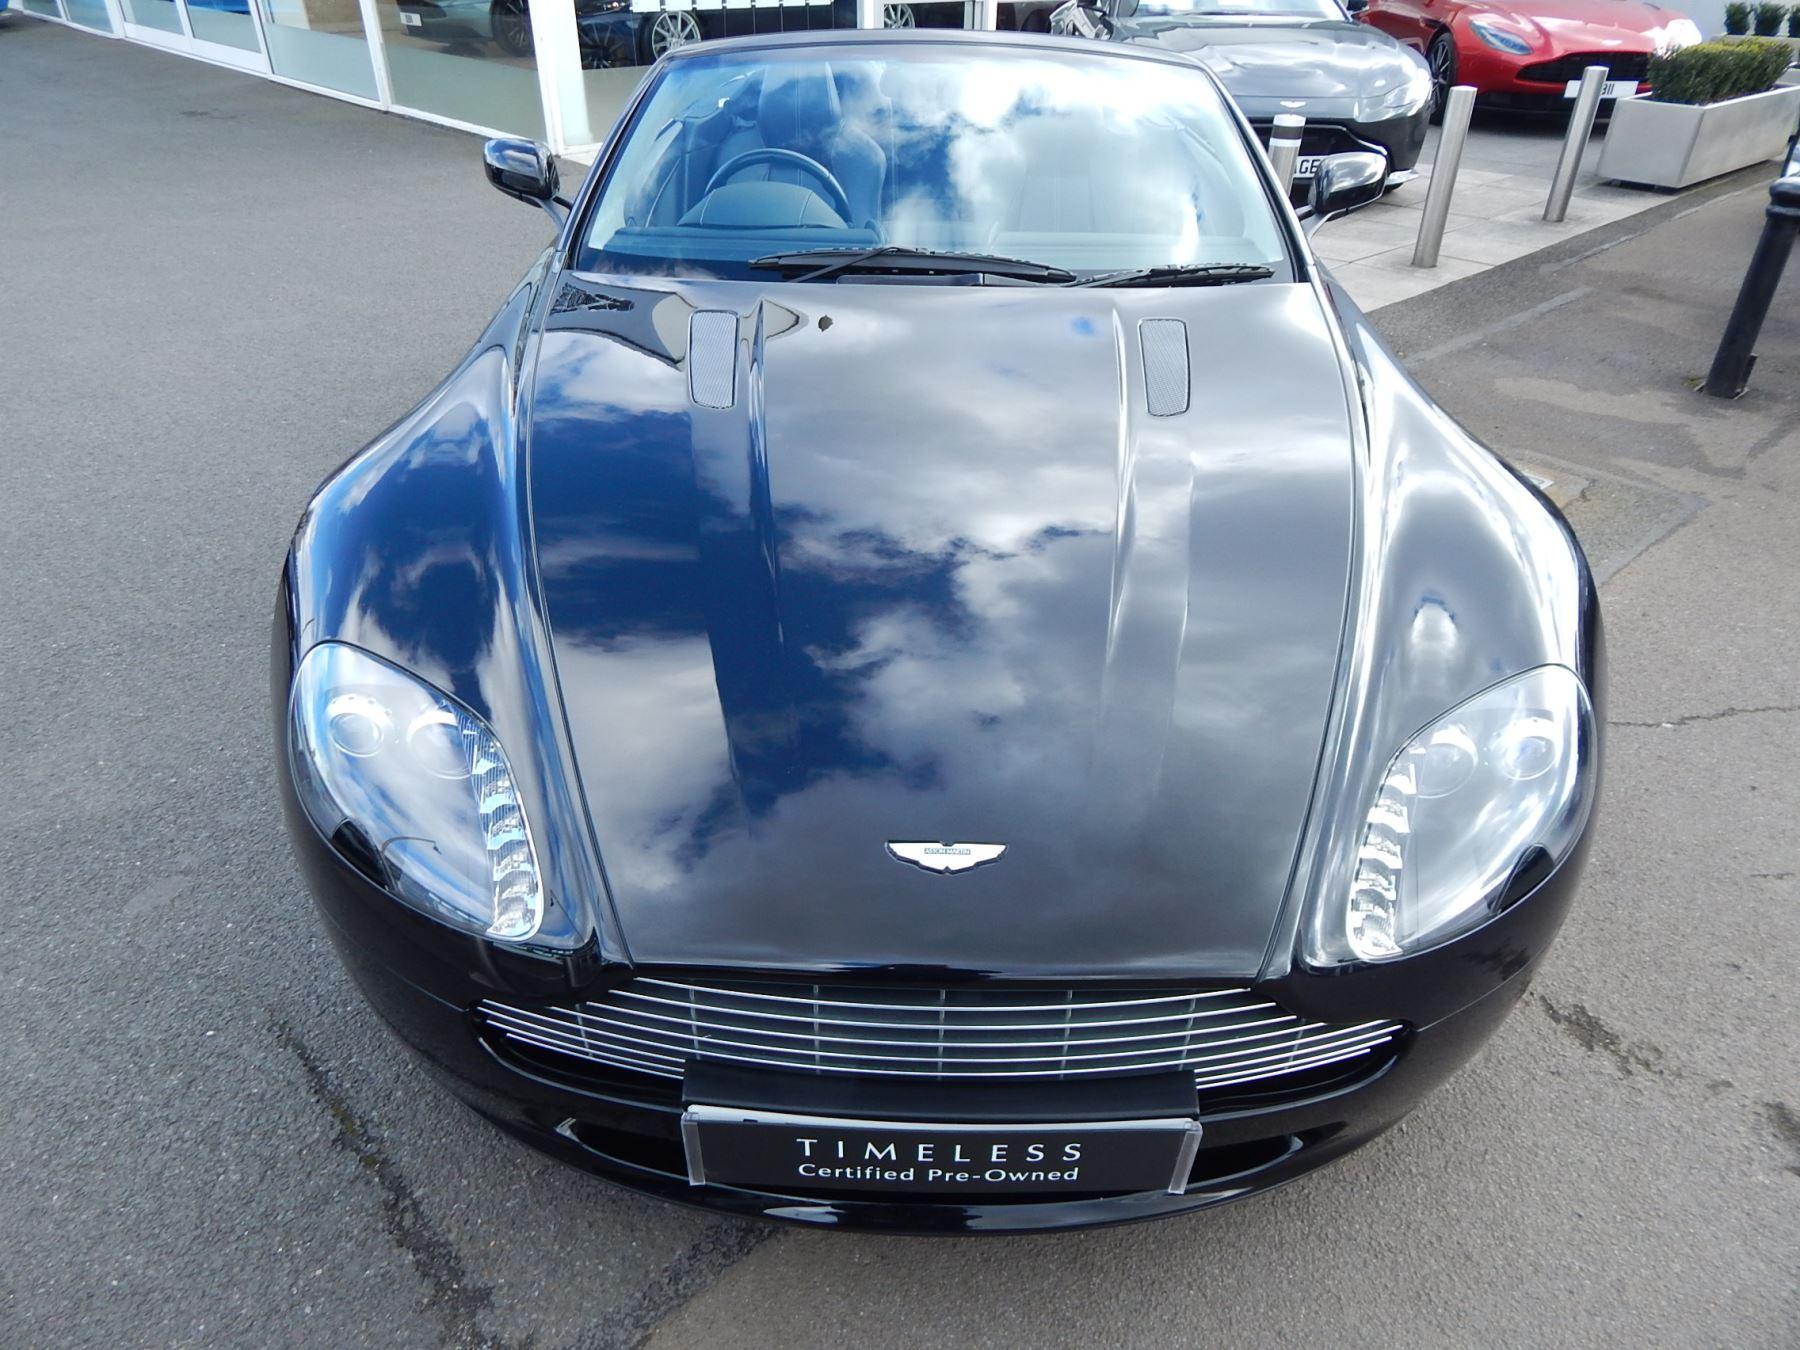 Aston Martin V8 Vantage Roadster 4.3 V8 Roadster image 6